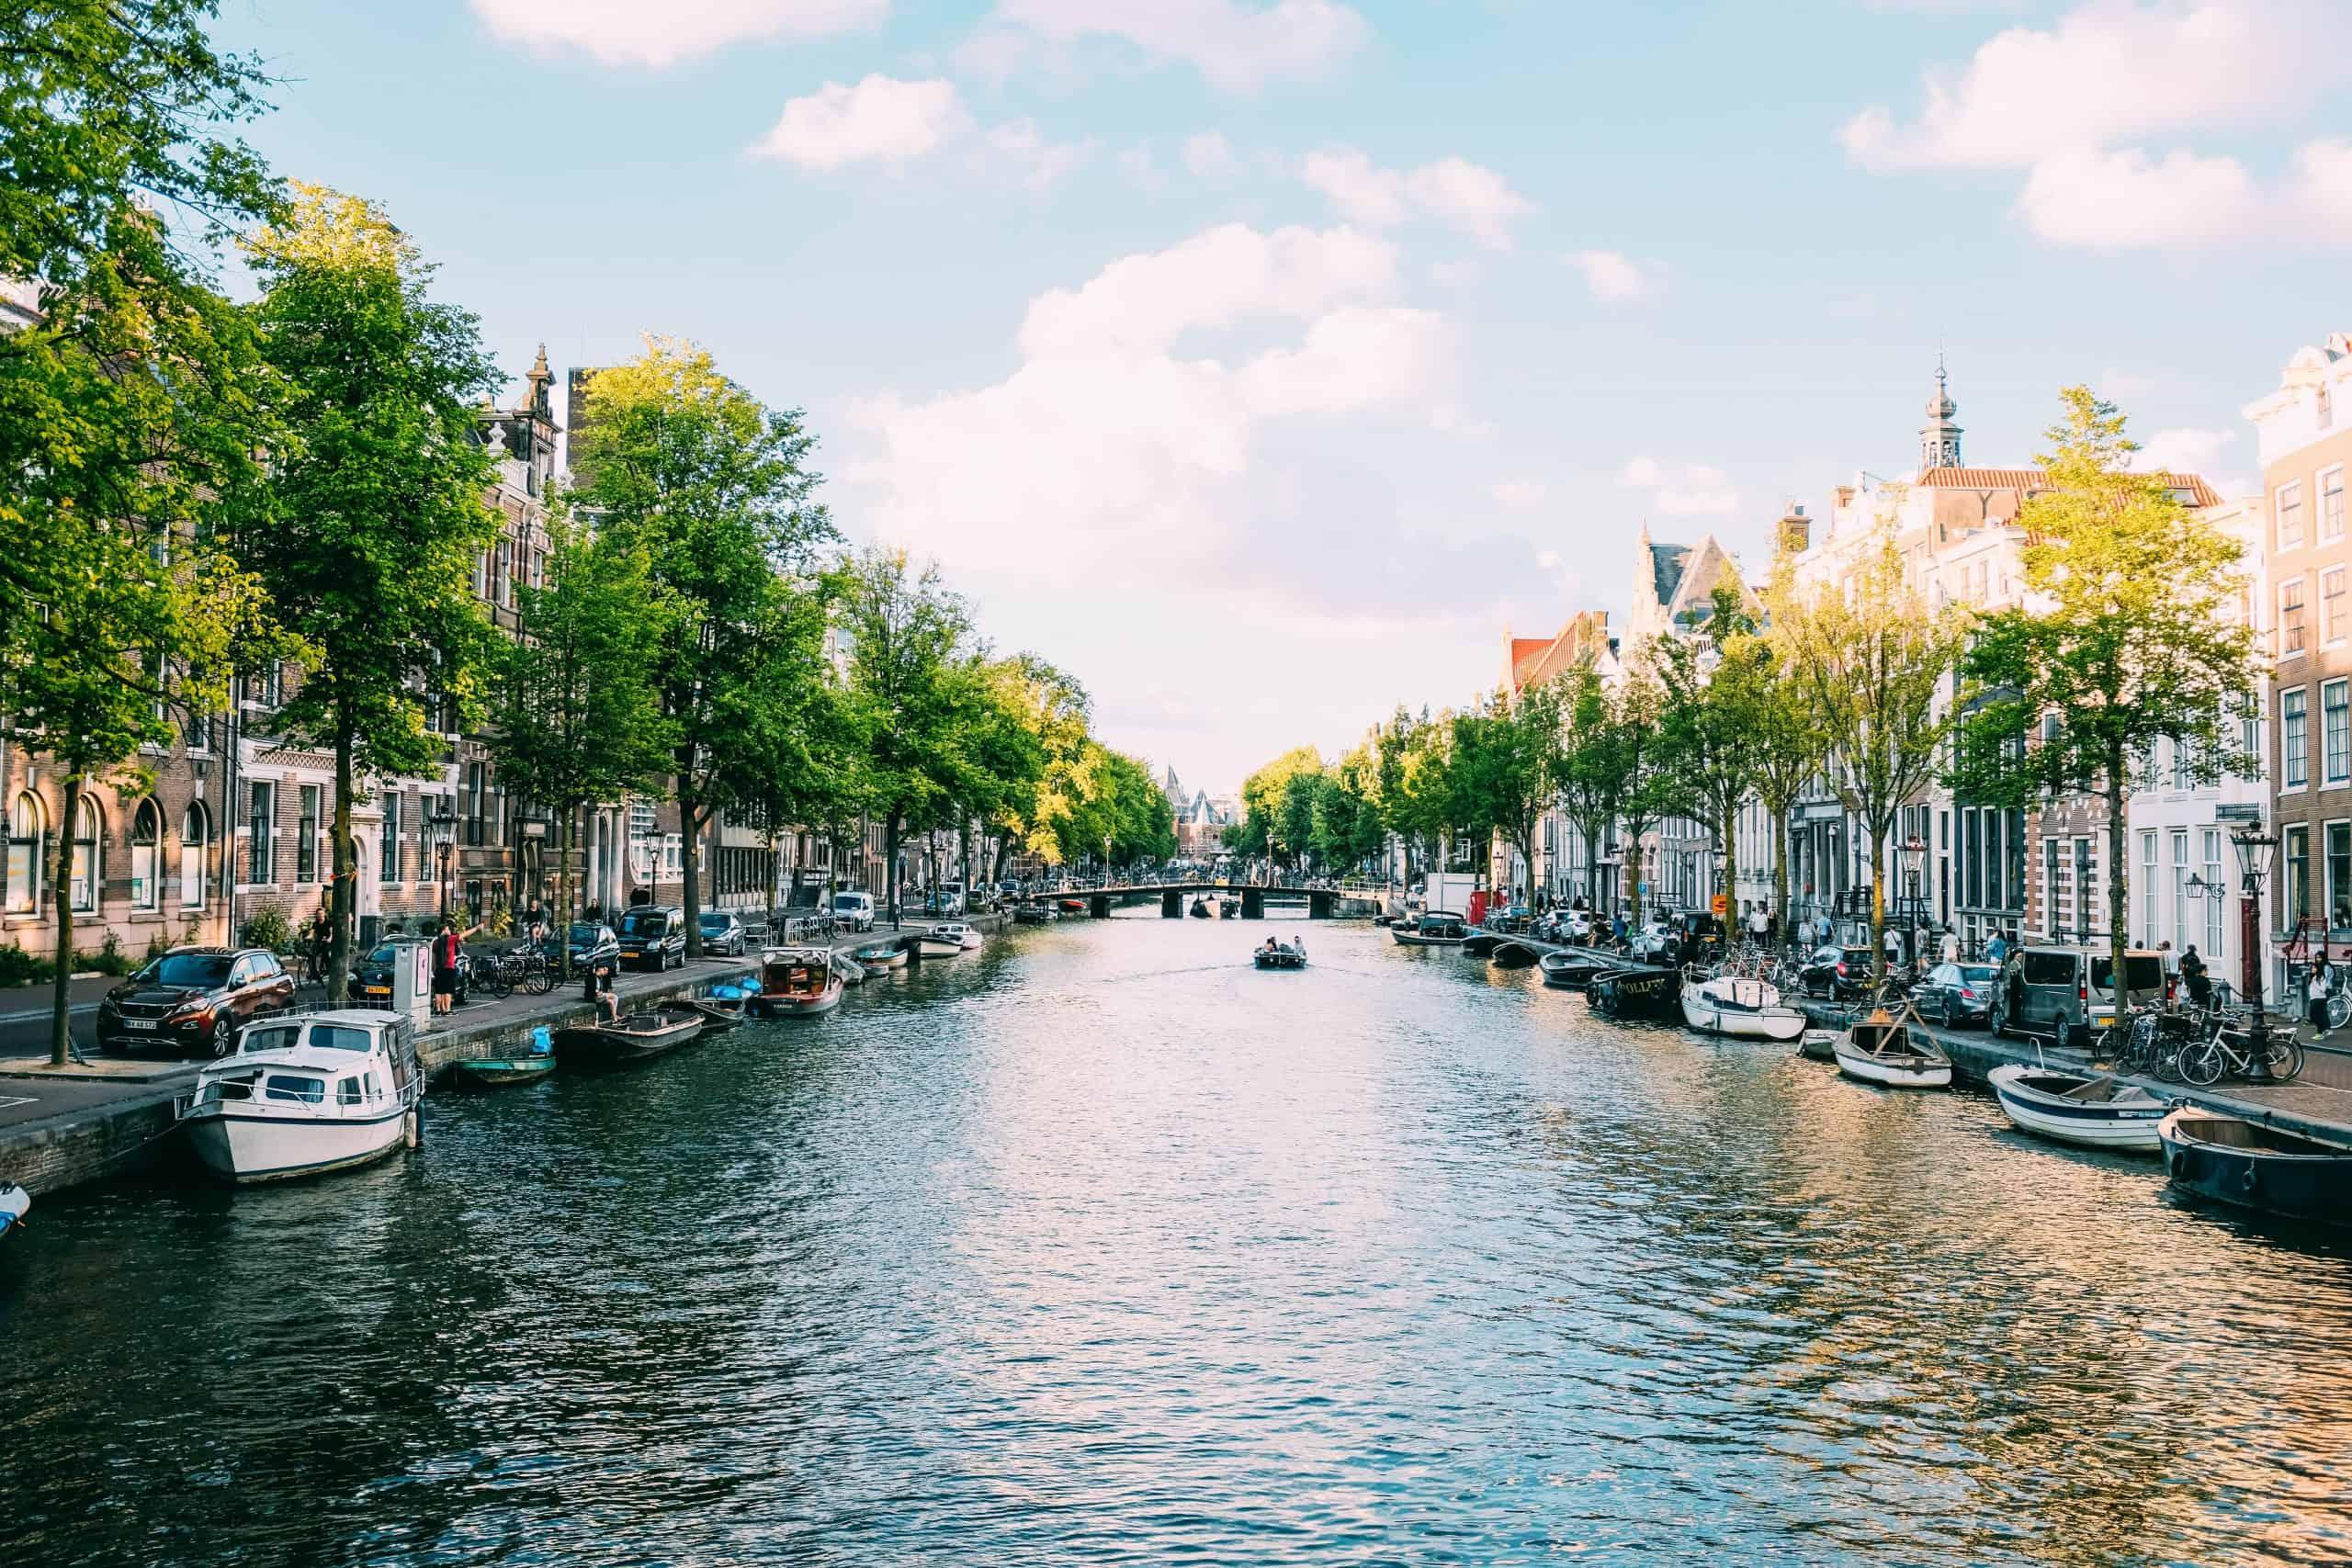 netherlands sim card for tourist, netherlands prepaid sim card, best sim card netherlands, netherlands tourist sim card, netherlands sim card, prepaid sim card netherlands, sim card netherlands, T-MOBILE NETHERLANDS, KPN NETHERLANDS